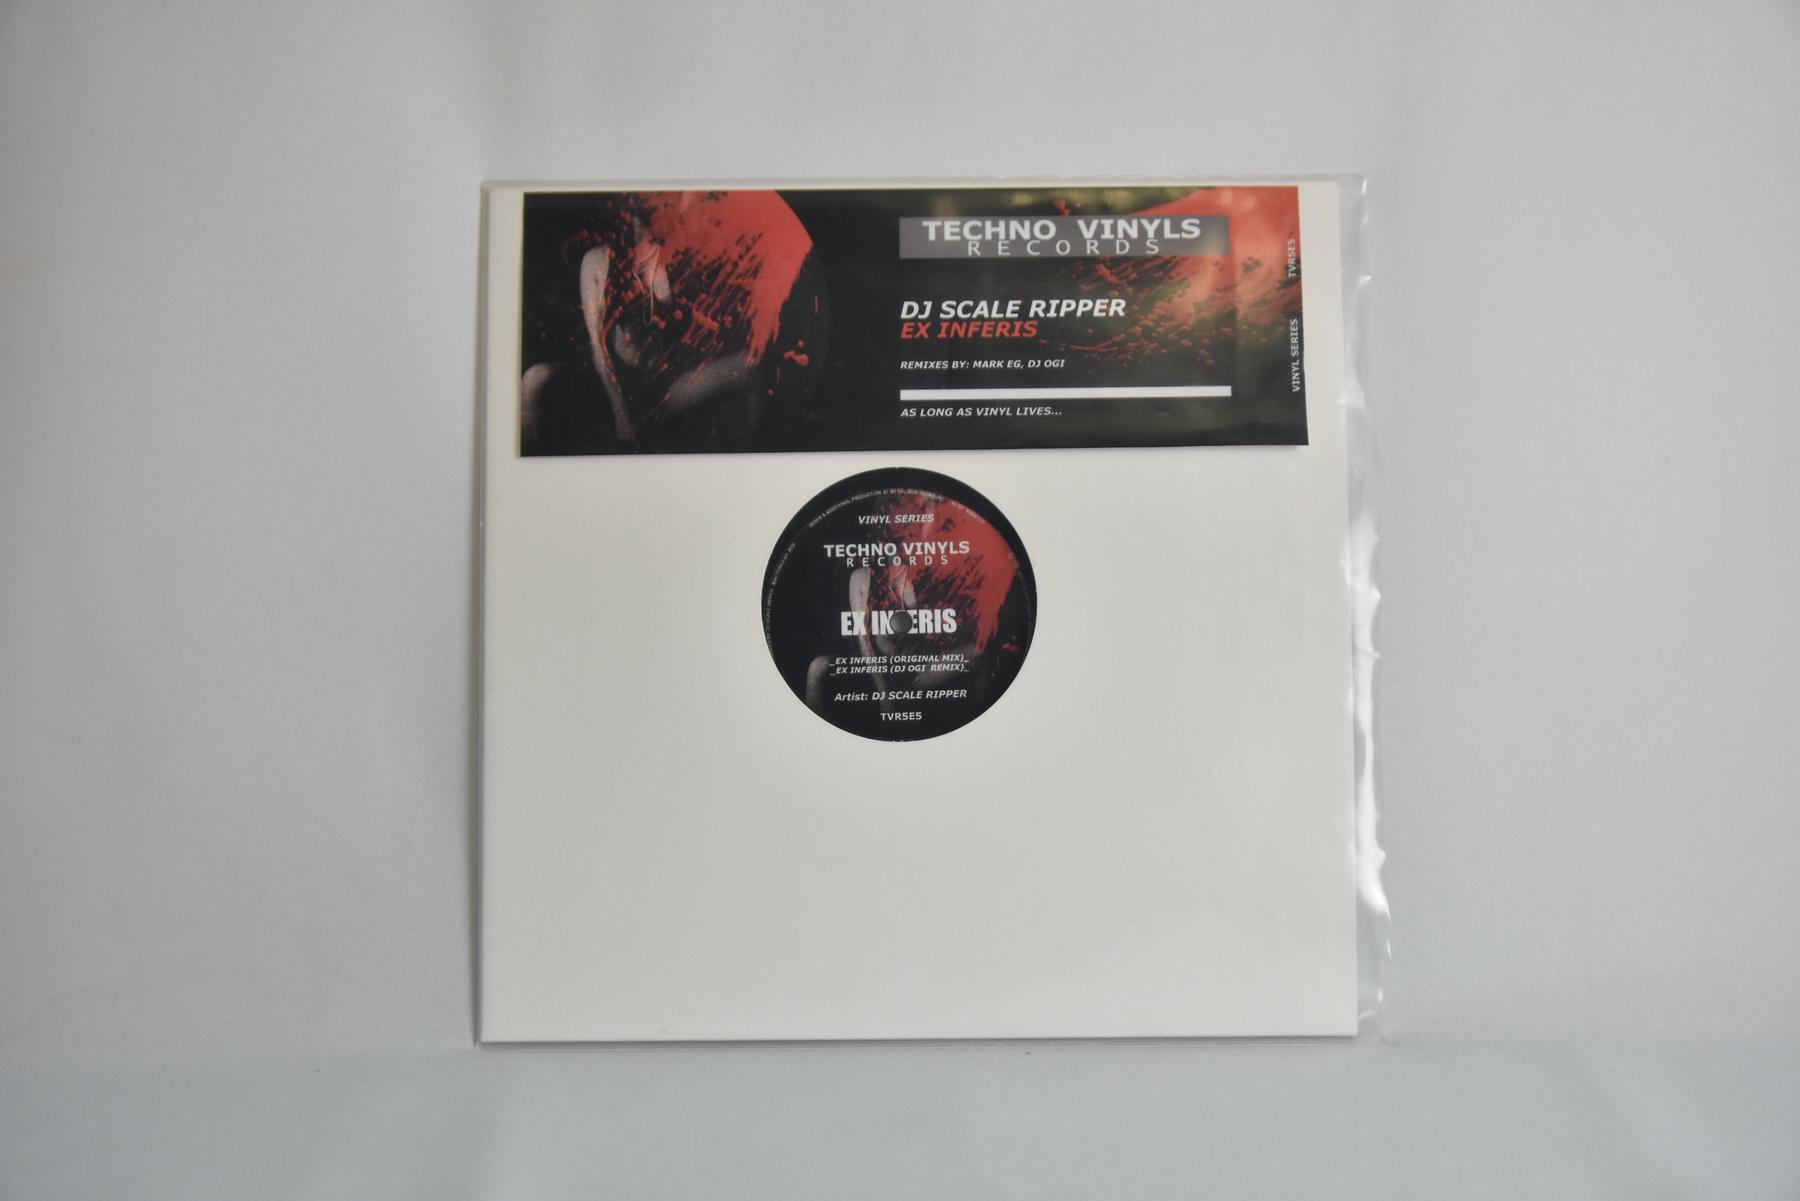 DJ Scale Ripper – Ex Inferis